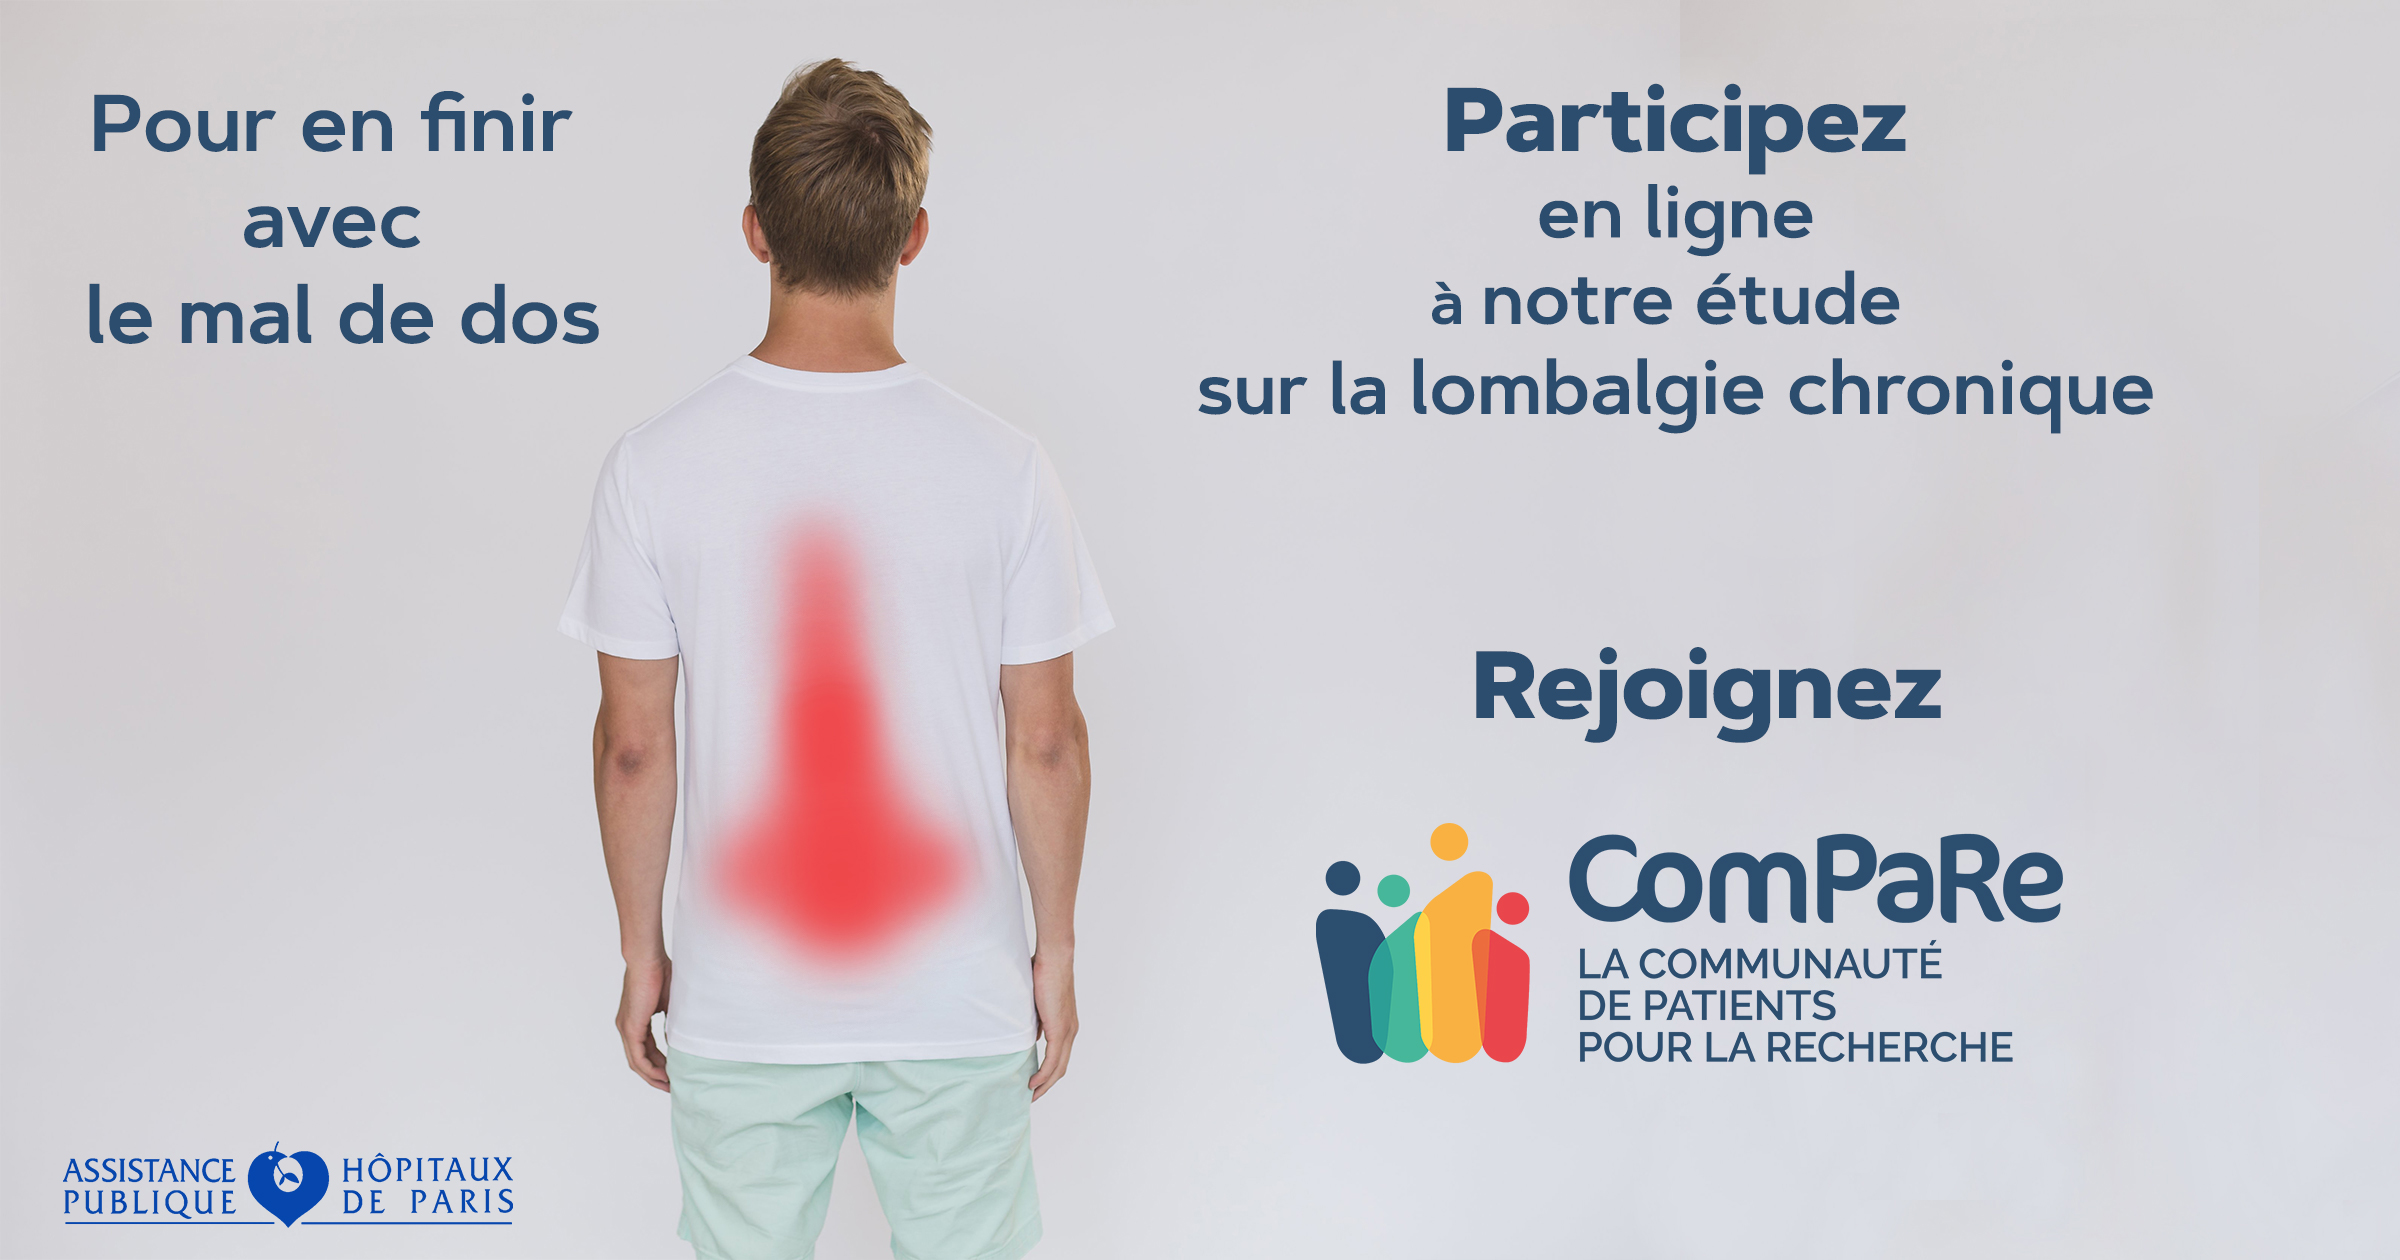 Lombalgie chronique : les algorithmes et la participation des patients au service de la recherche